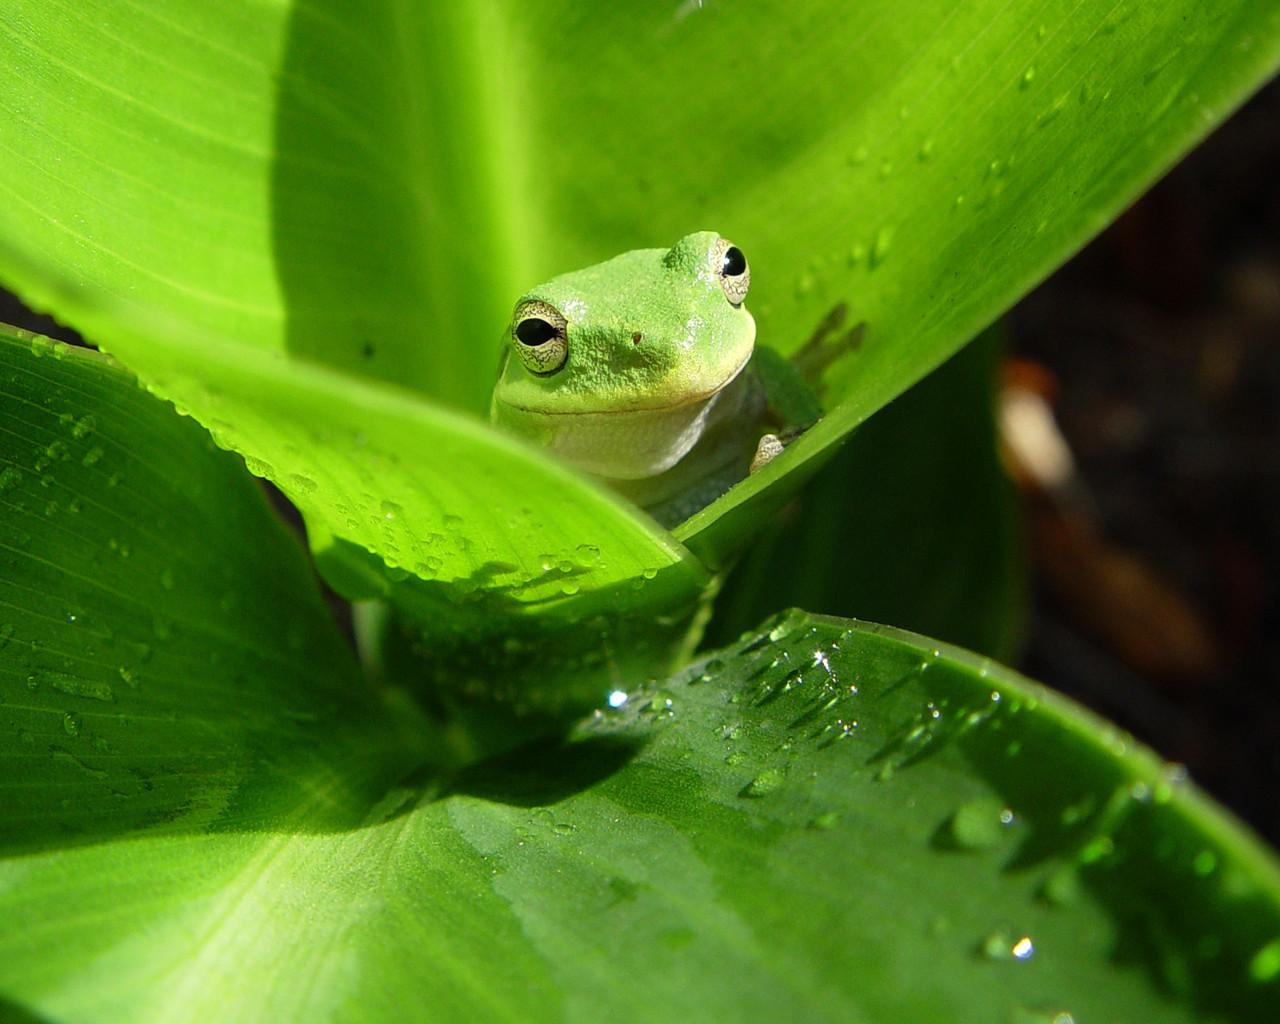 Cute Green Frog New Wallpaper 21571 High Resolution